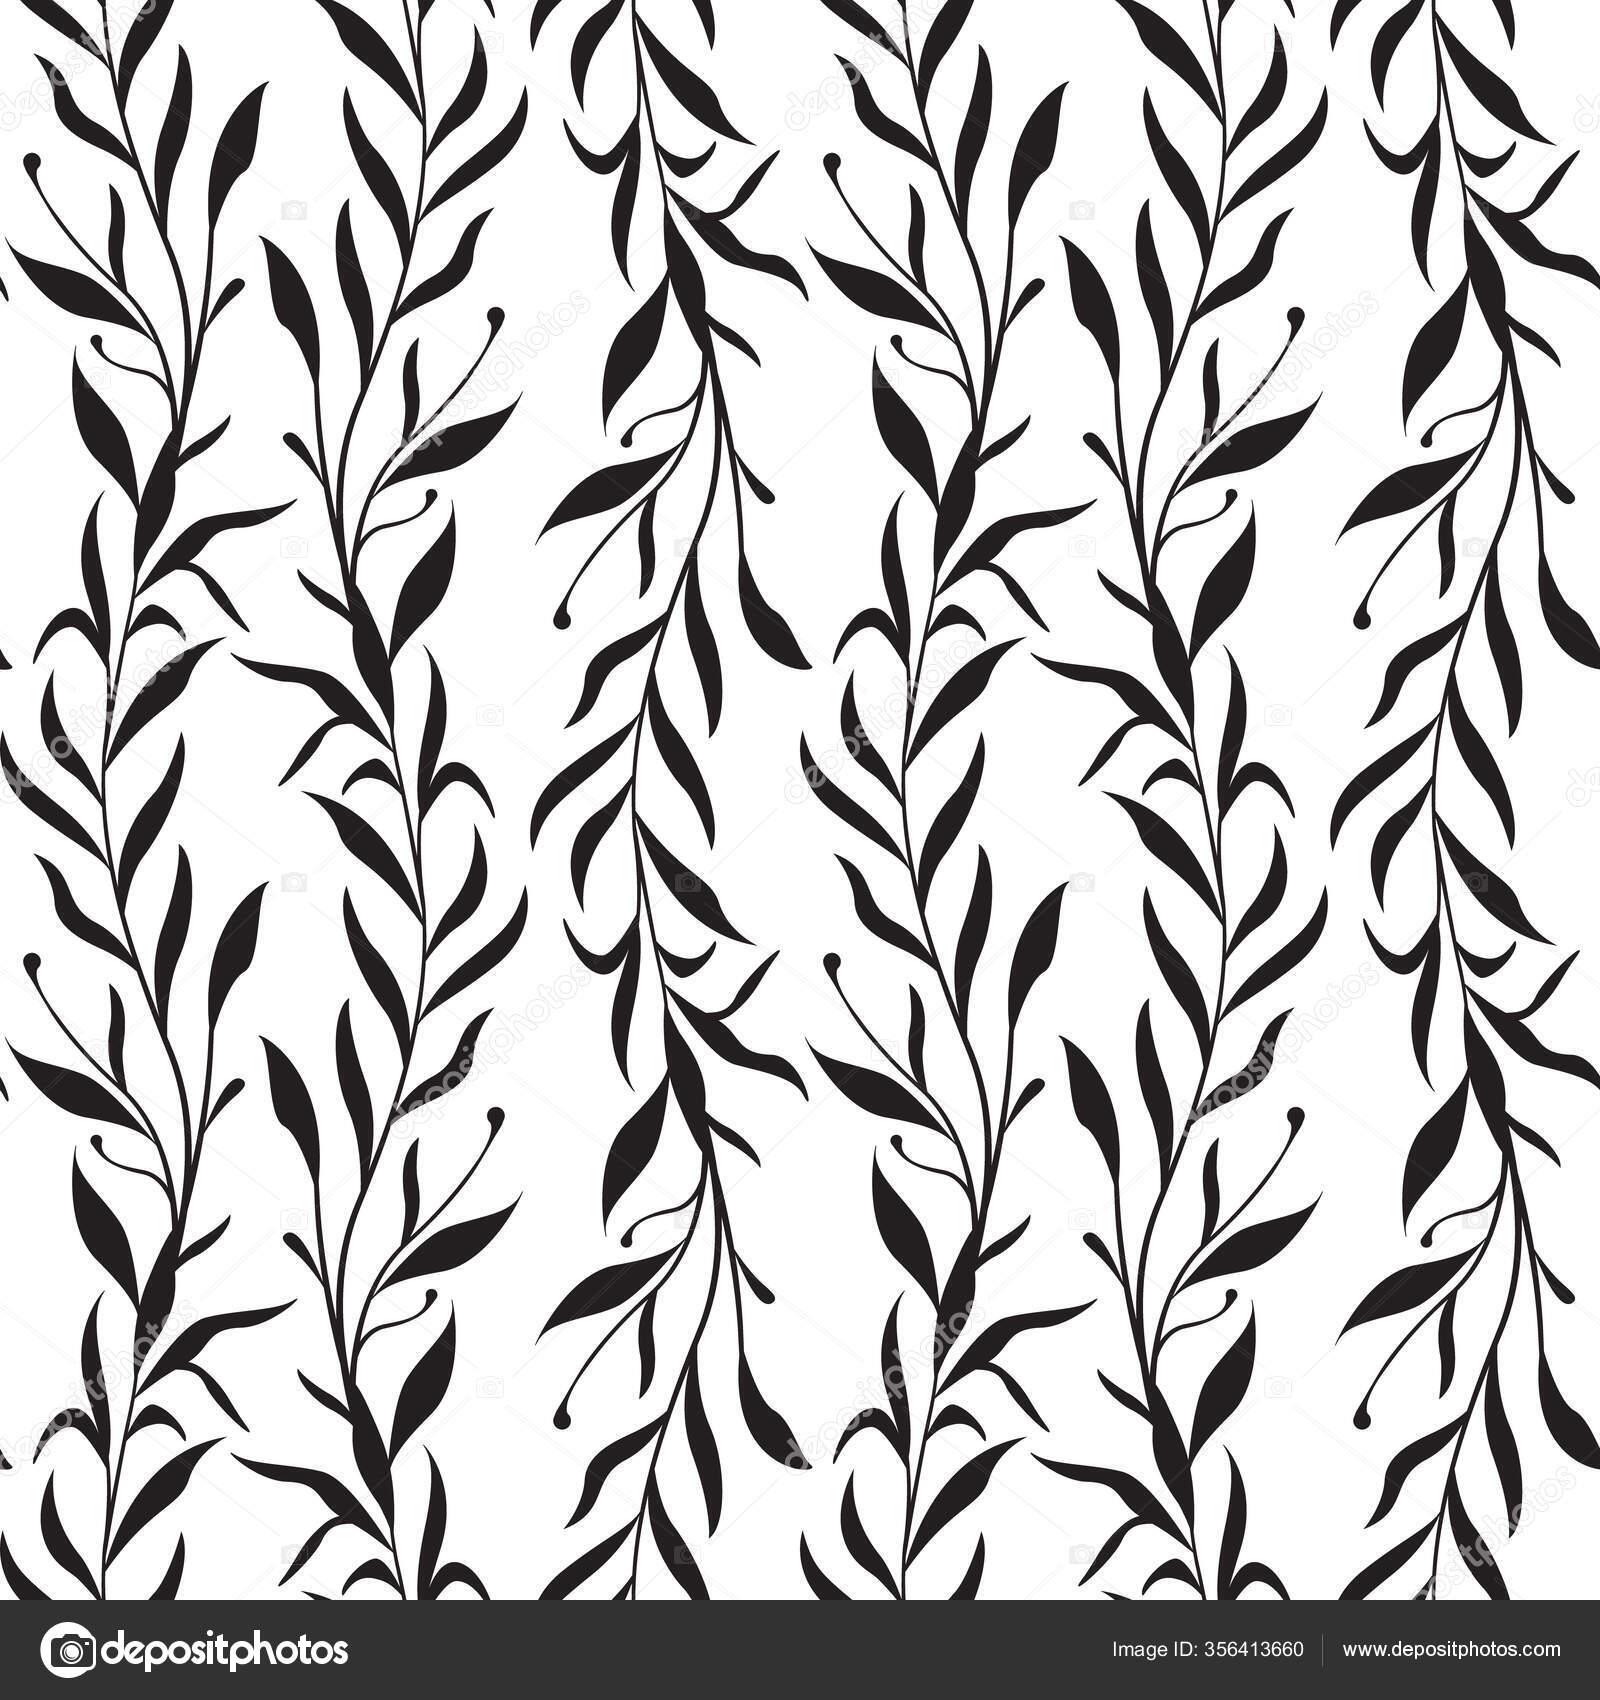 Векторный Бесшовный Рисунок Вертикальными Ветвями Листьями ...  Простой Интерьер Рисунок